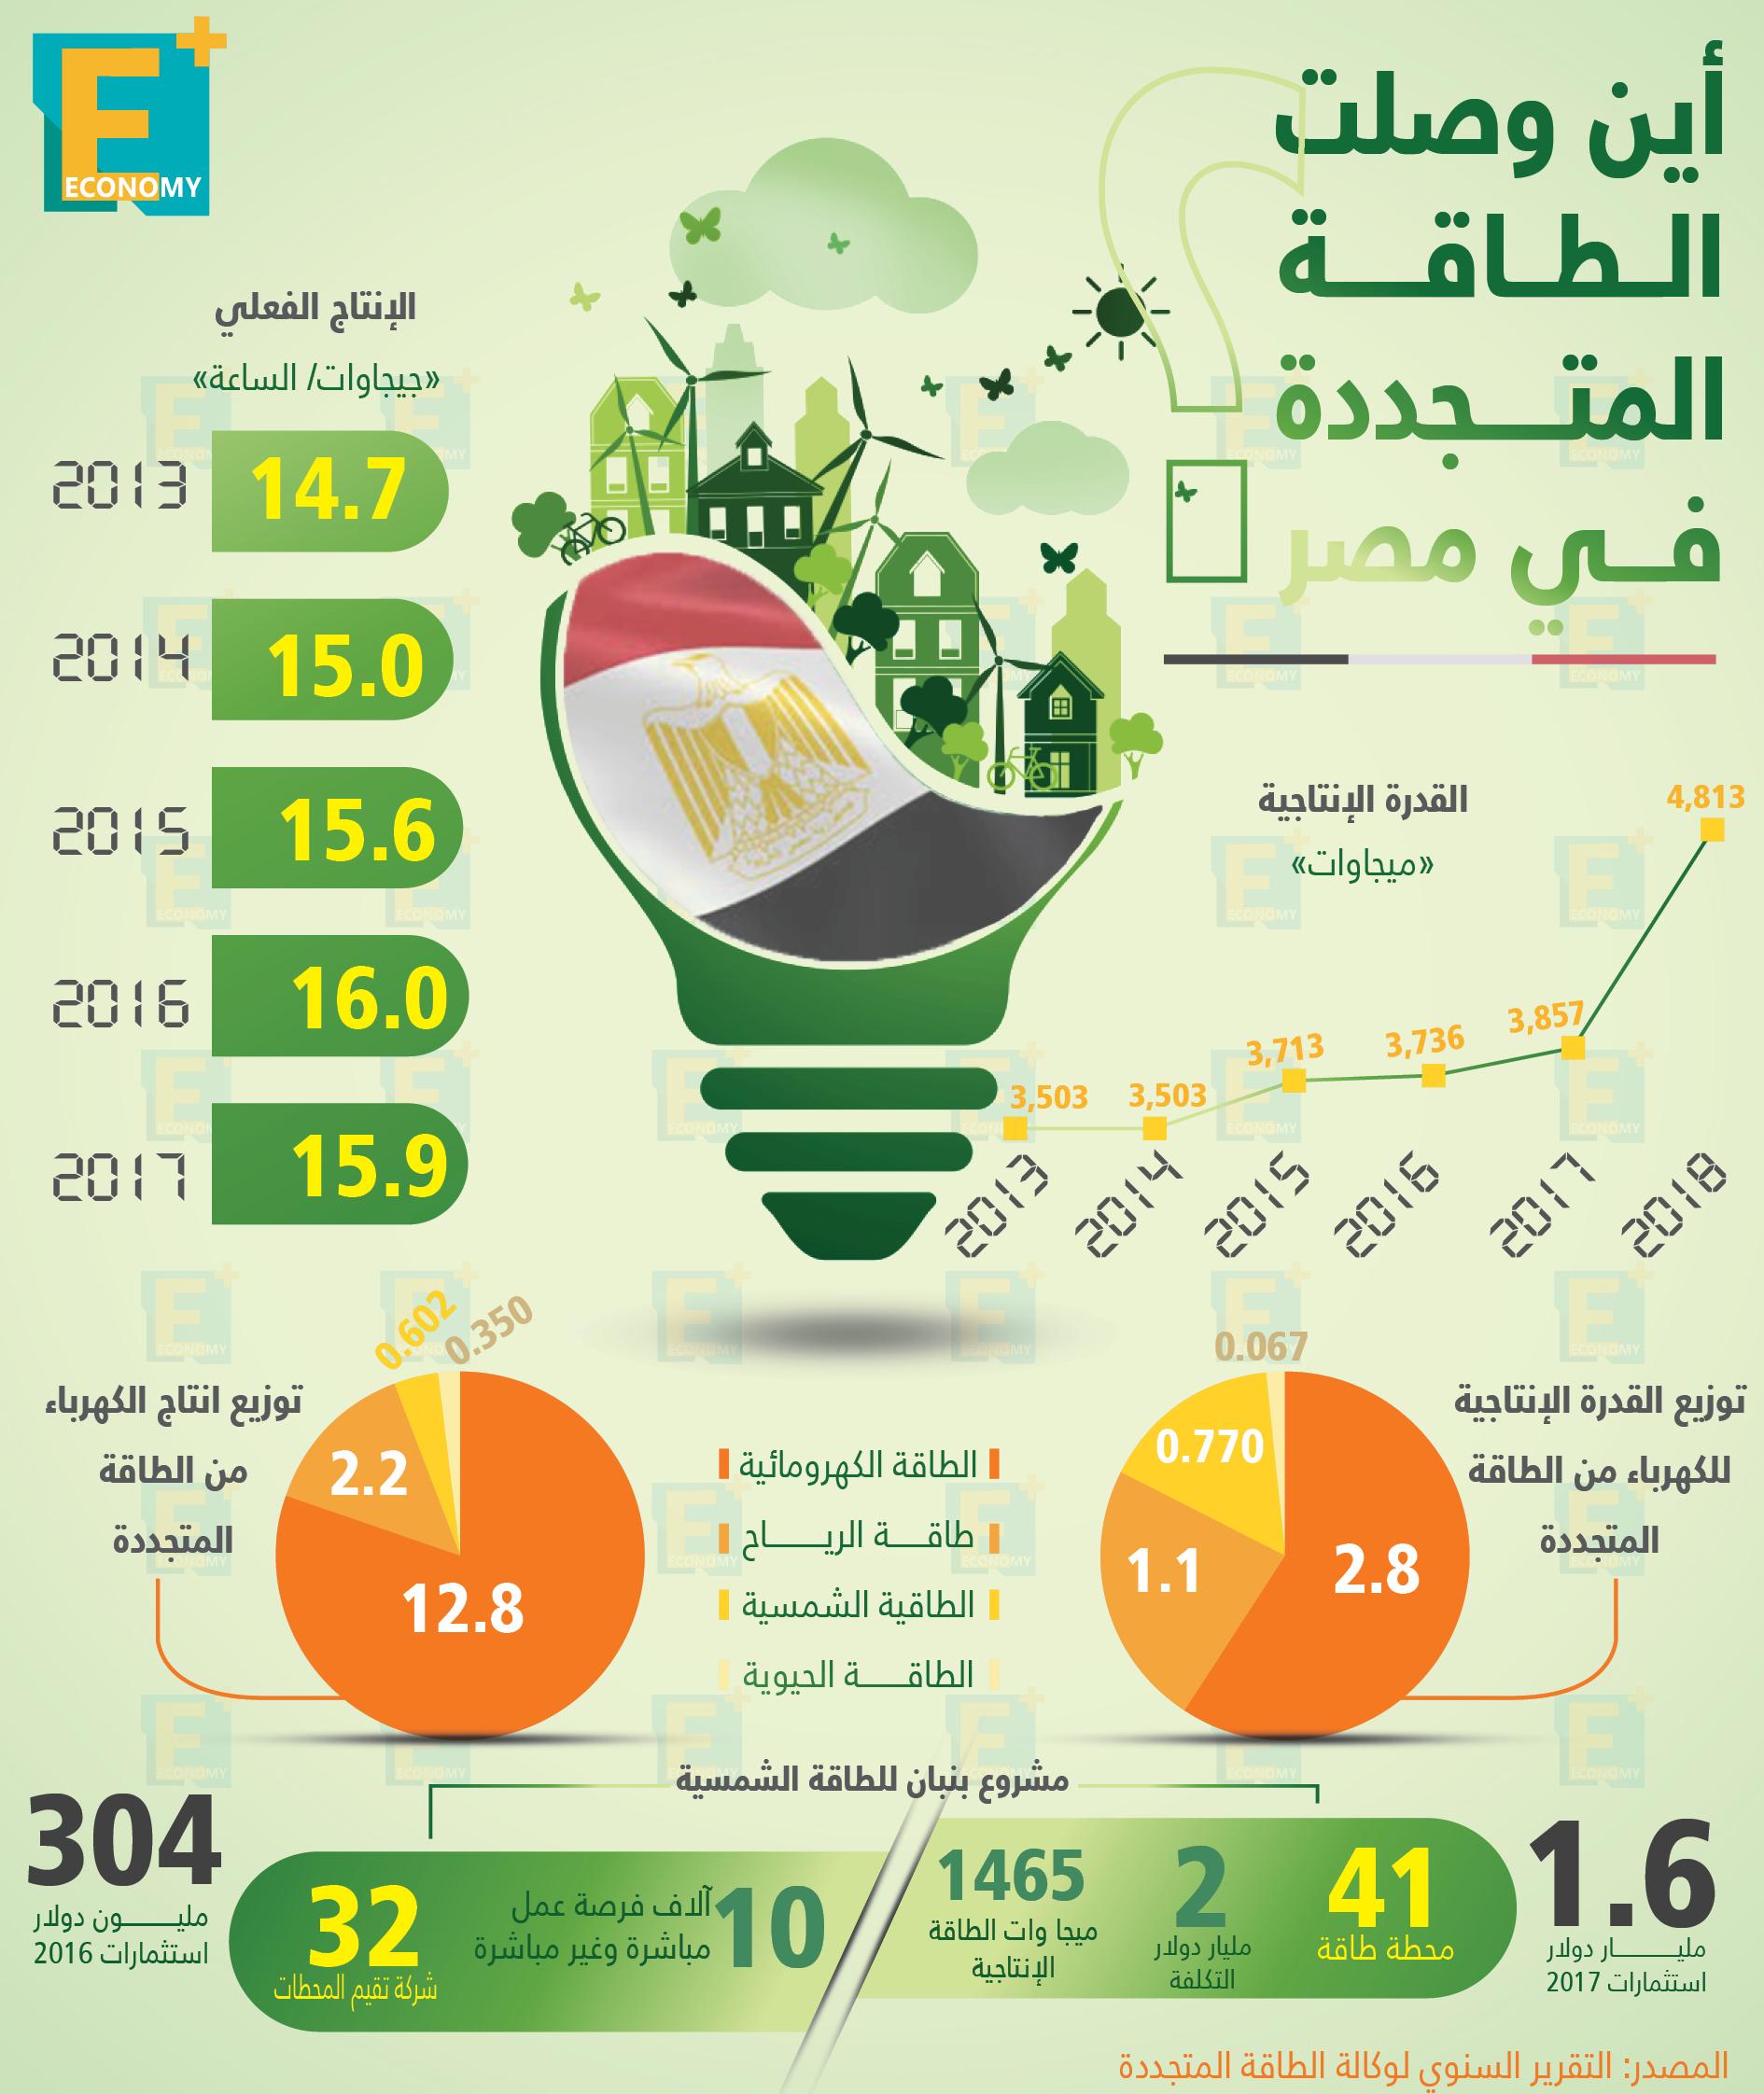 أين وصلت الطاقة المتجددة في مصر